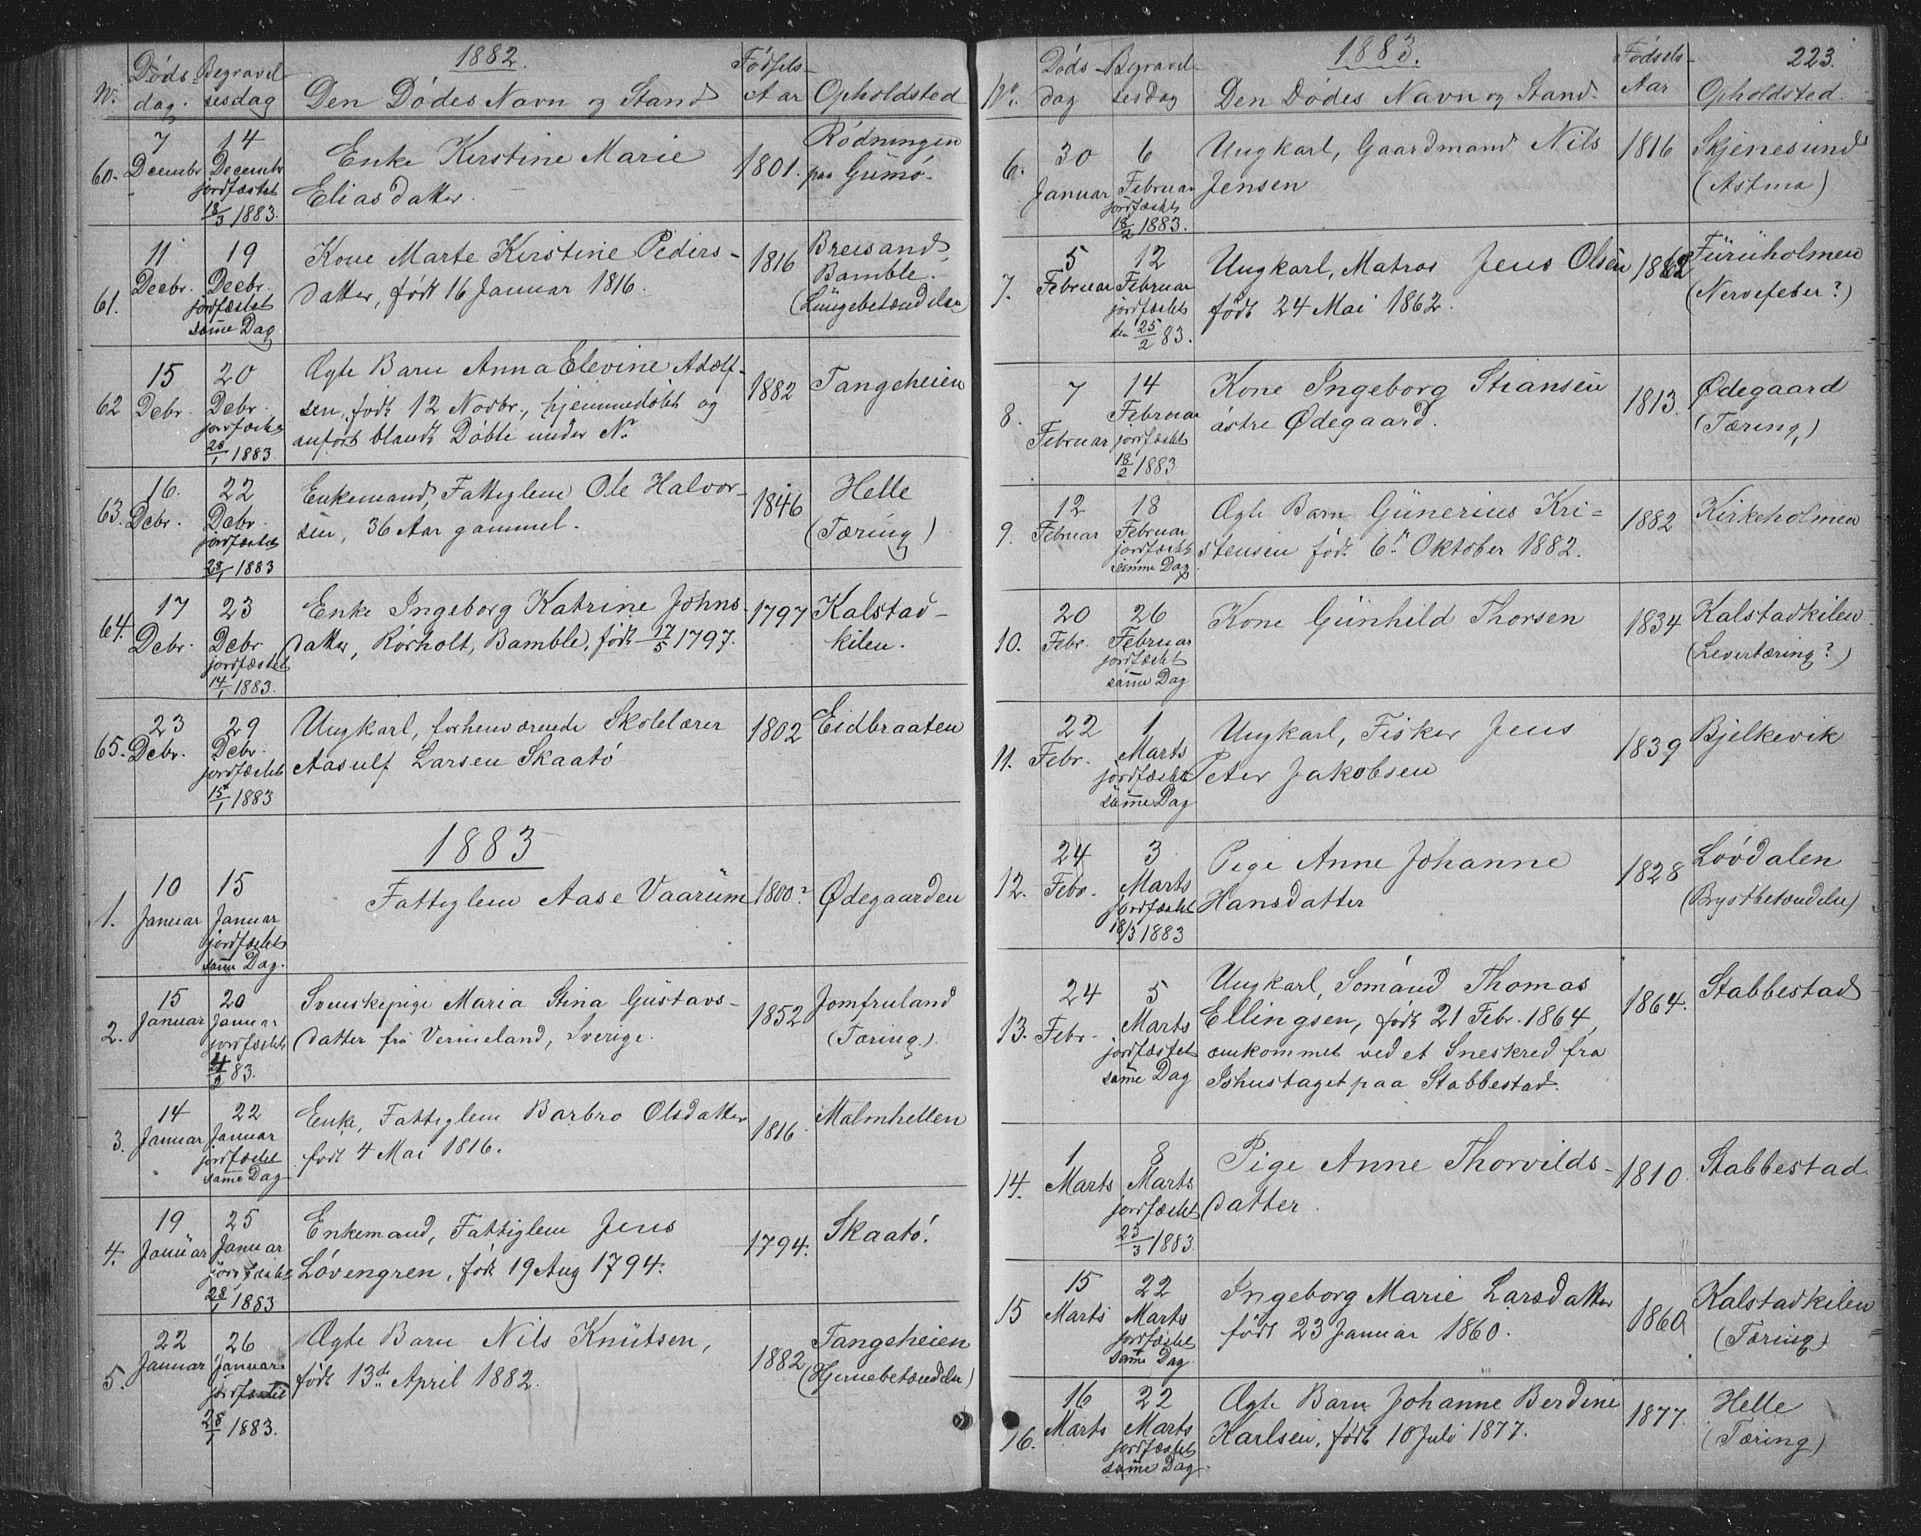 SAKO, Skåtøy kirkebøker, G/Ga/L0002: Klokkerbok nr. I 2, 1872-1884, s. 223